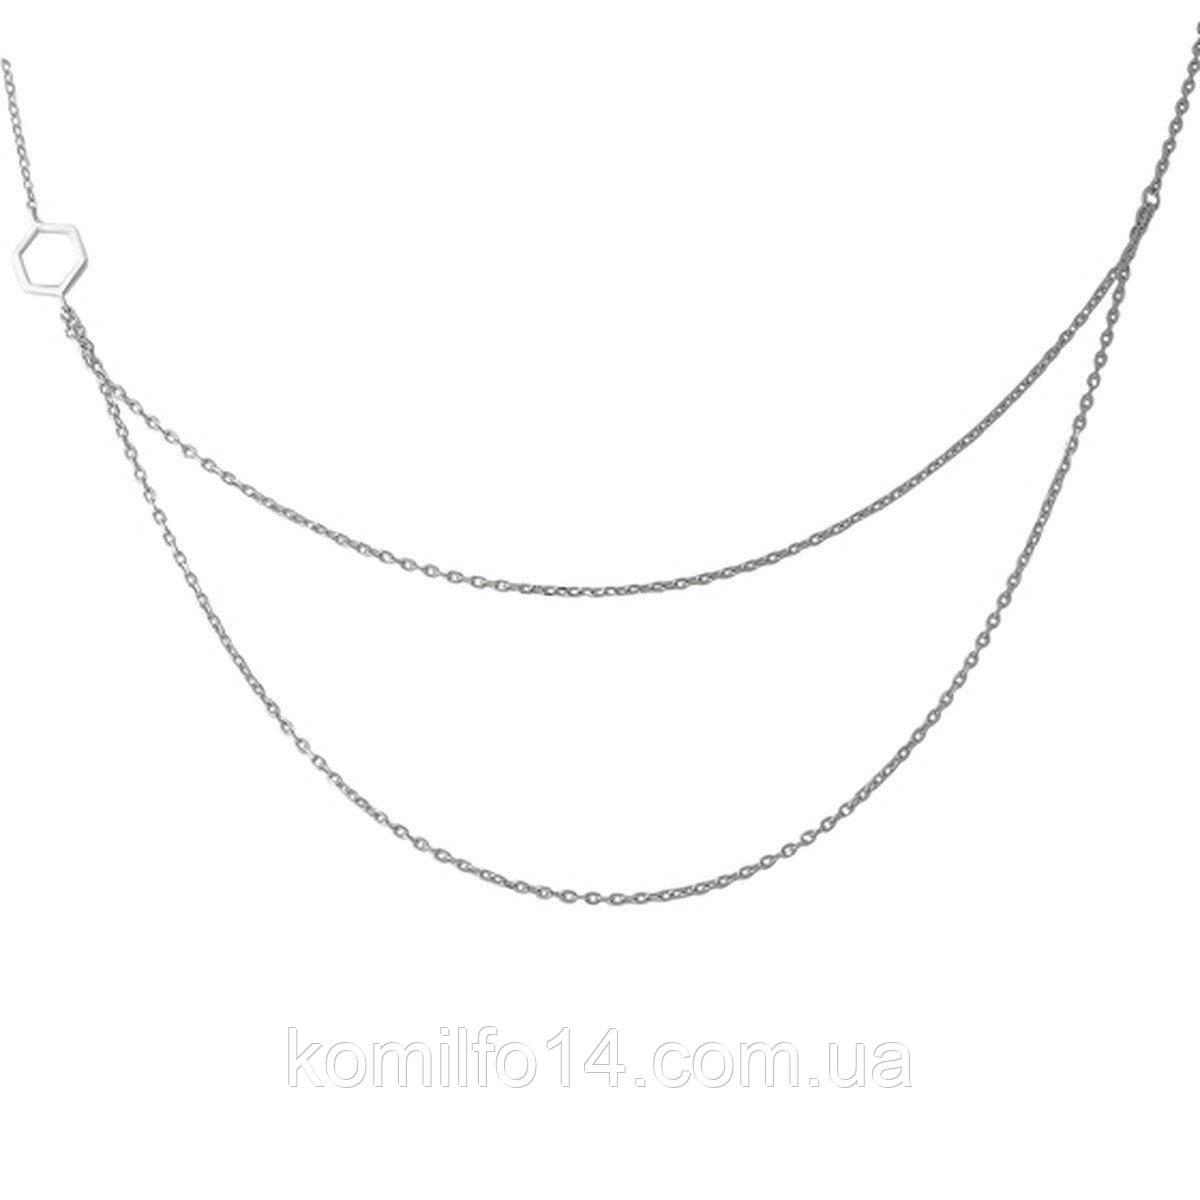 Срібне кольє Komilfo без каменів (1966938) 7578 розмір